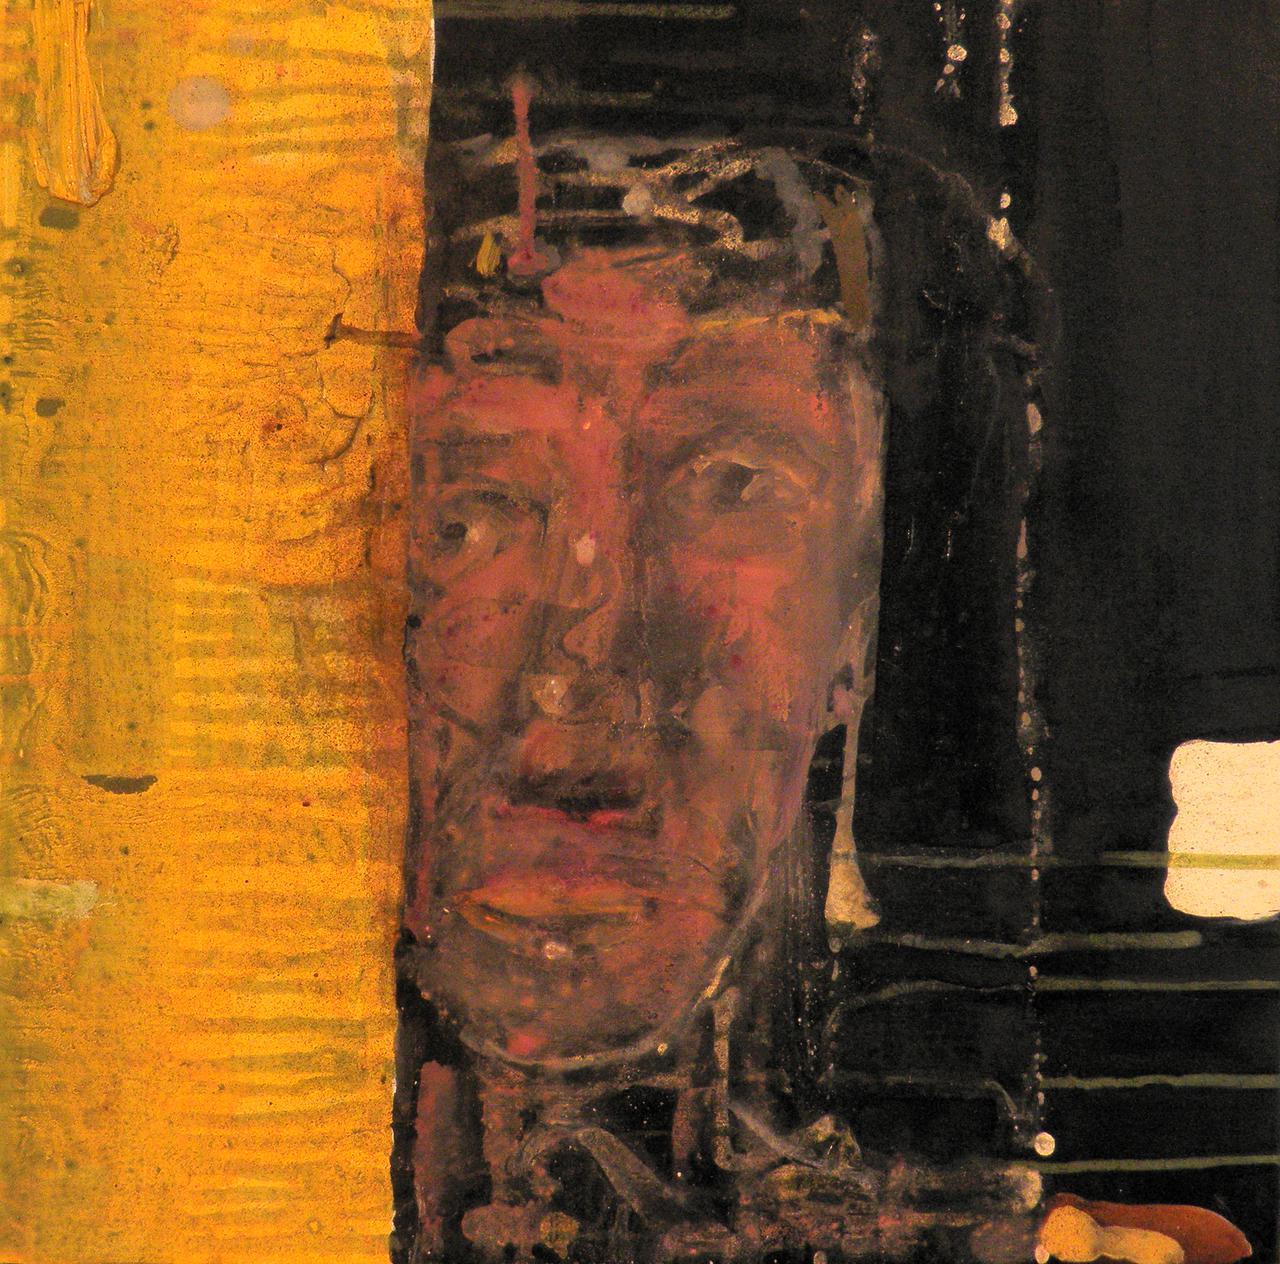 Haralabos Katsatsidis, Portrait of a Lady, 33 cm x 33 cm, oil on canvas, 2018